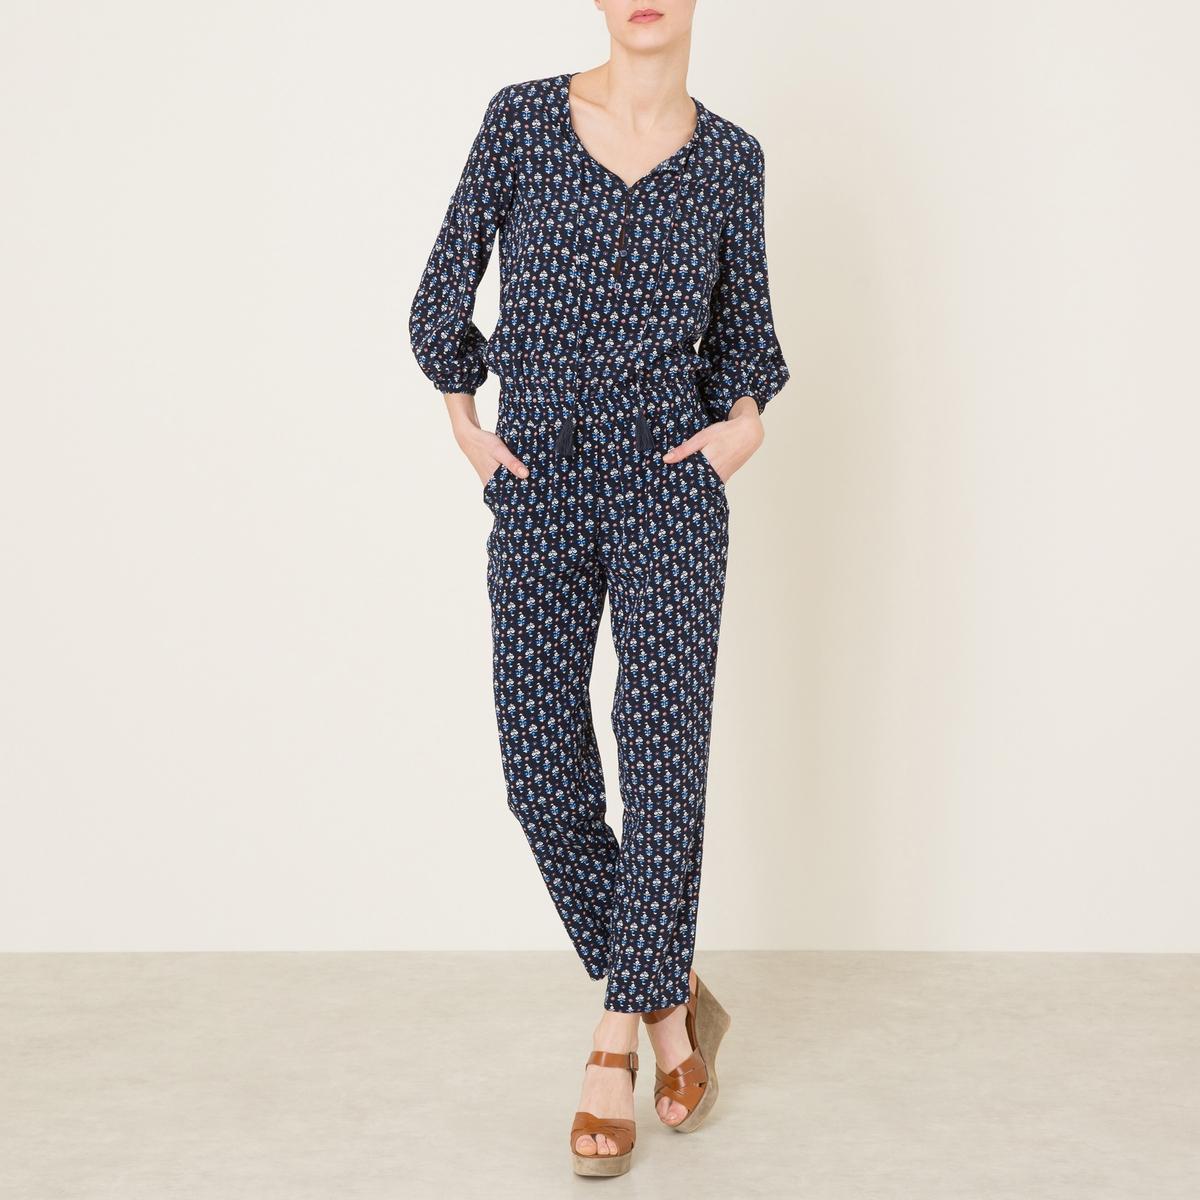 Комбинезон с брюками и рисунком GEMINI от La Redoute